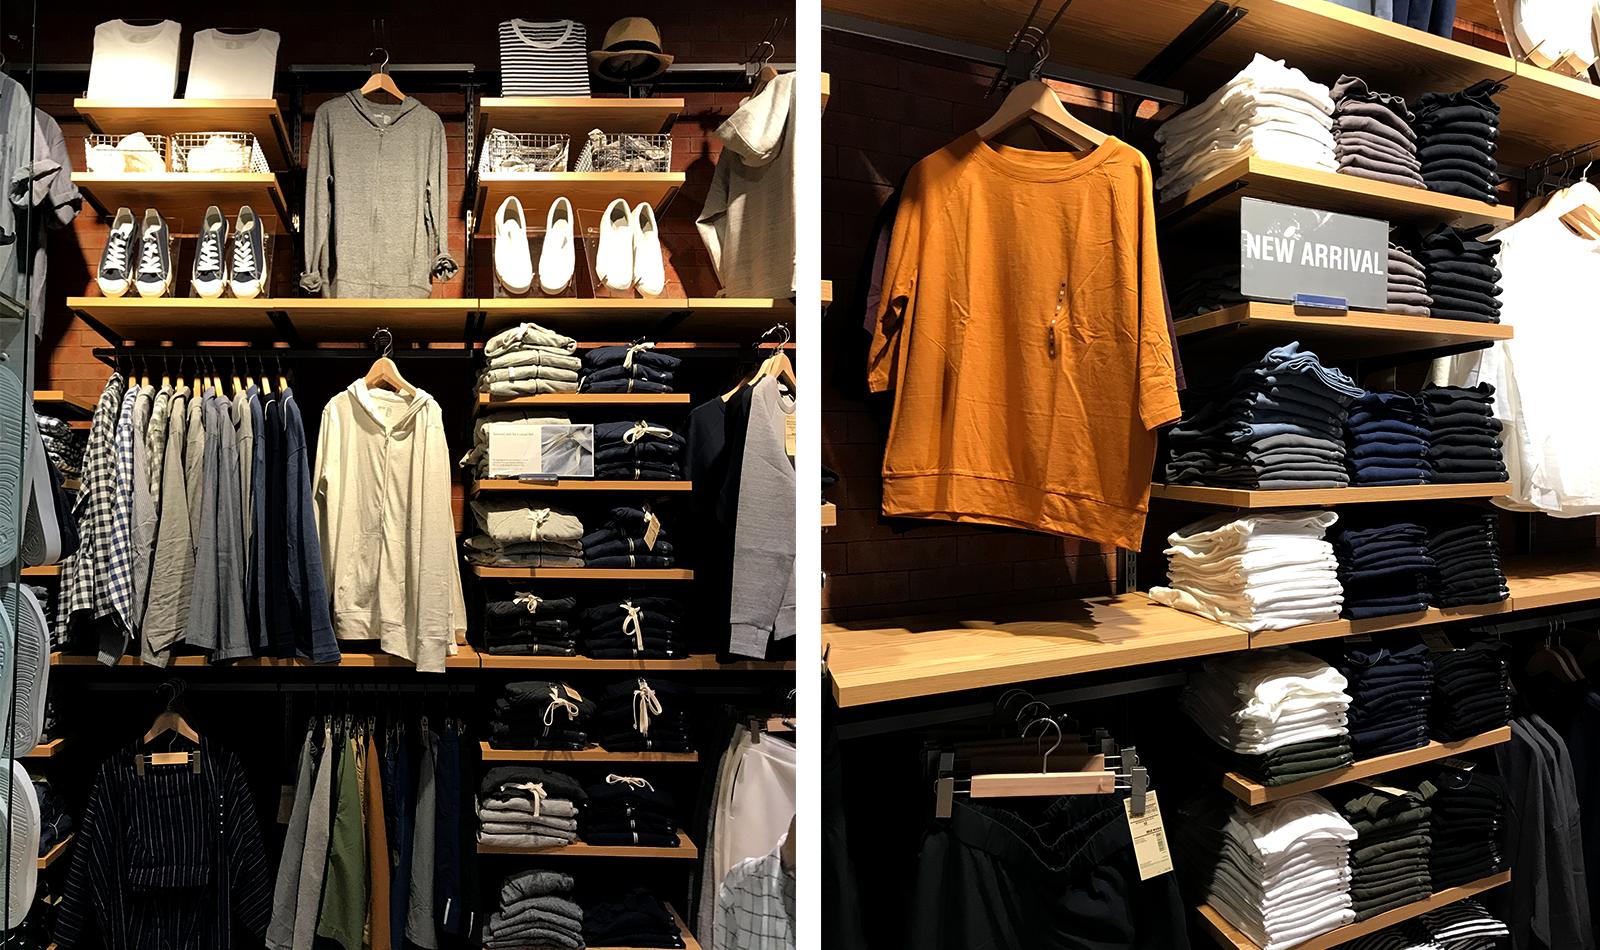 muji-closet-clothing-1